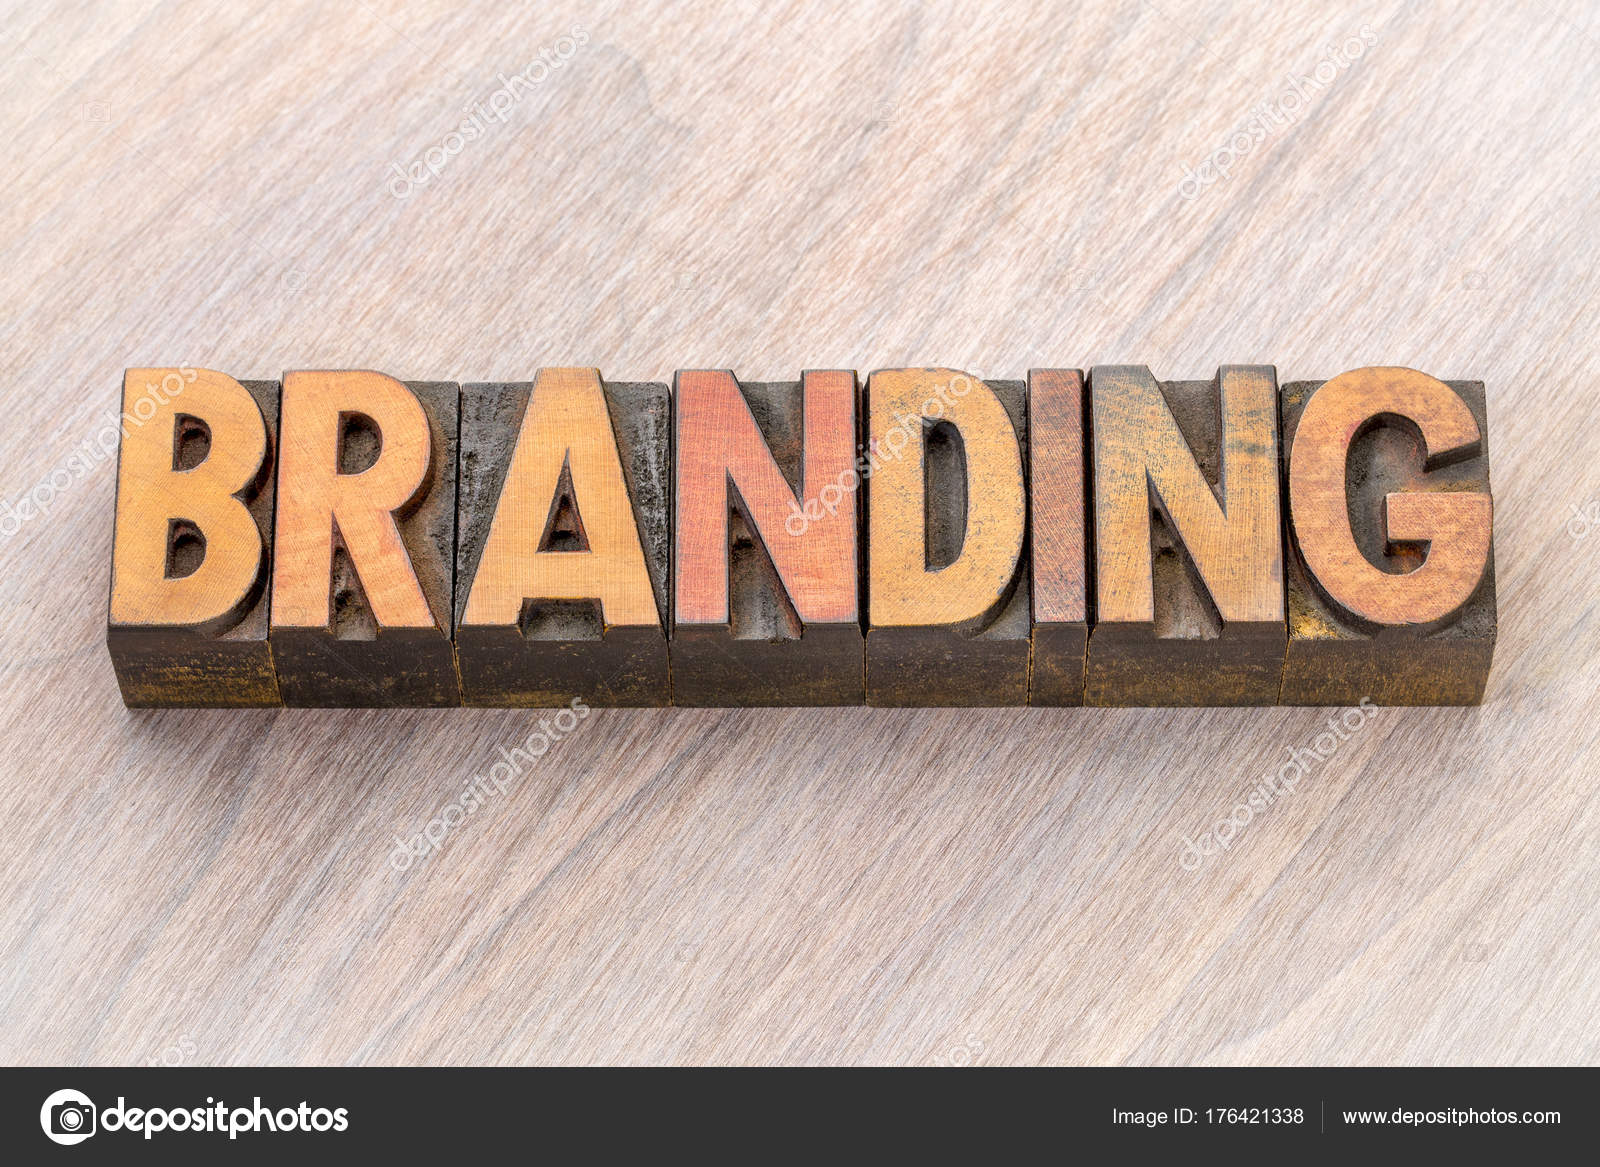 branding wort in holz-art — stockfoto © pixelsaway #176421338